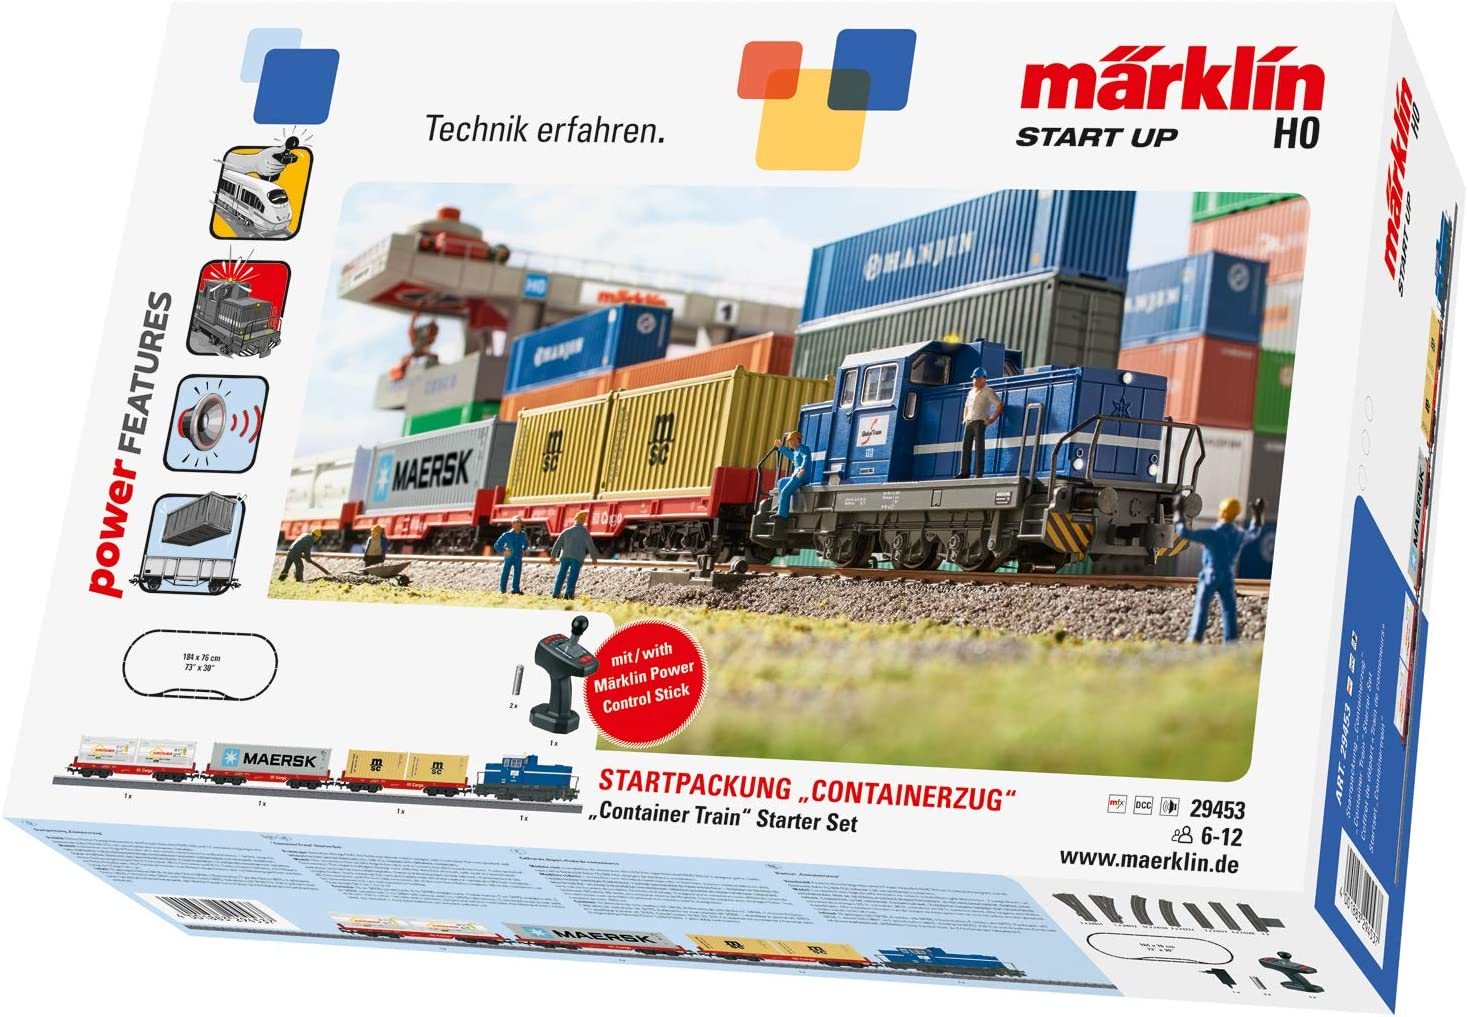 Märklin start up Start Up 29453 - Kit de iniciación para Tren de ferrocarril H0, Juego de iniciación con Tren, Carro y Carril, función de luz, a Partir de 6 años